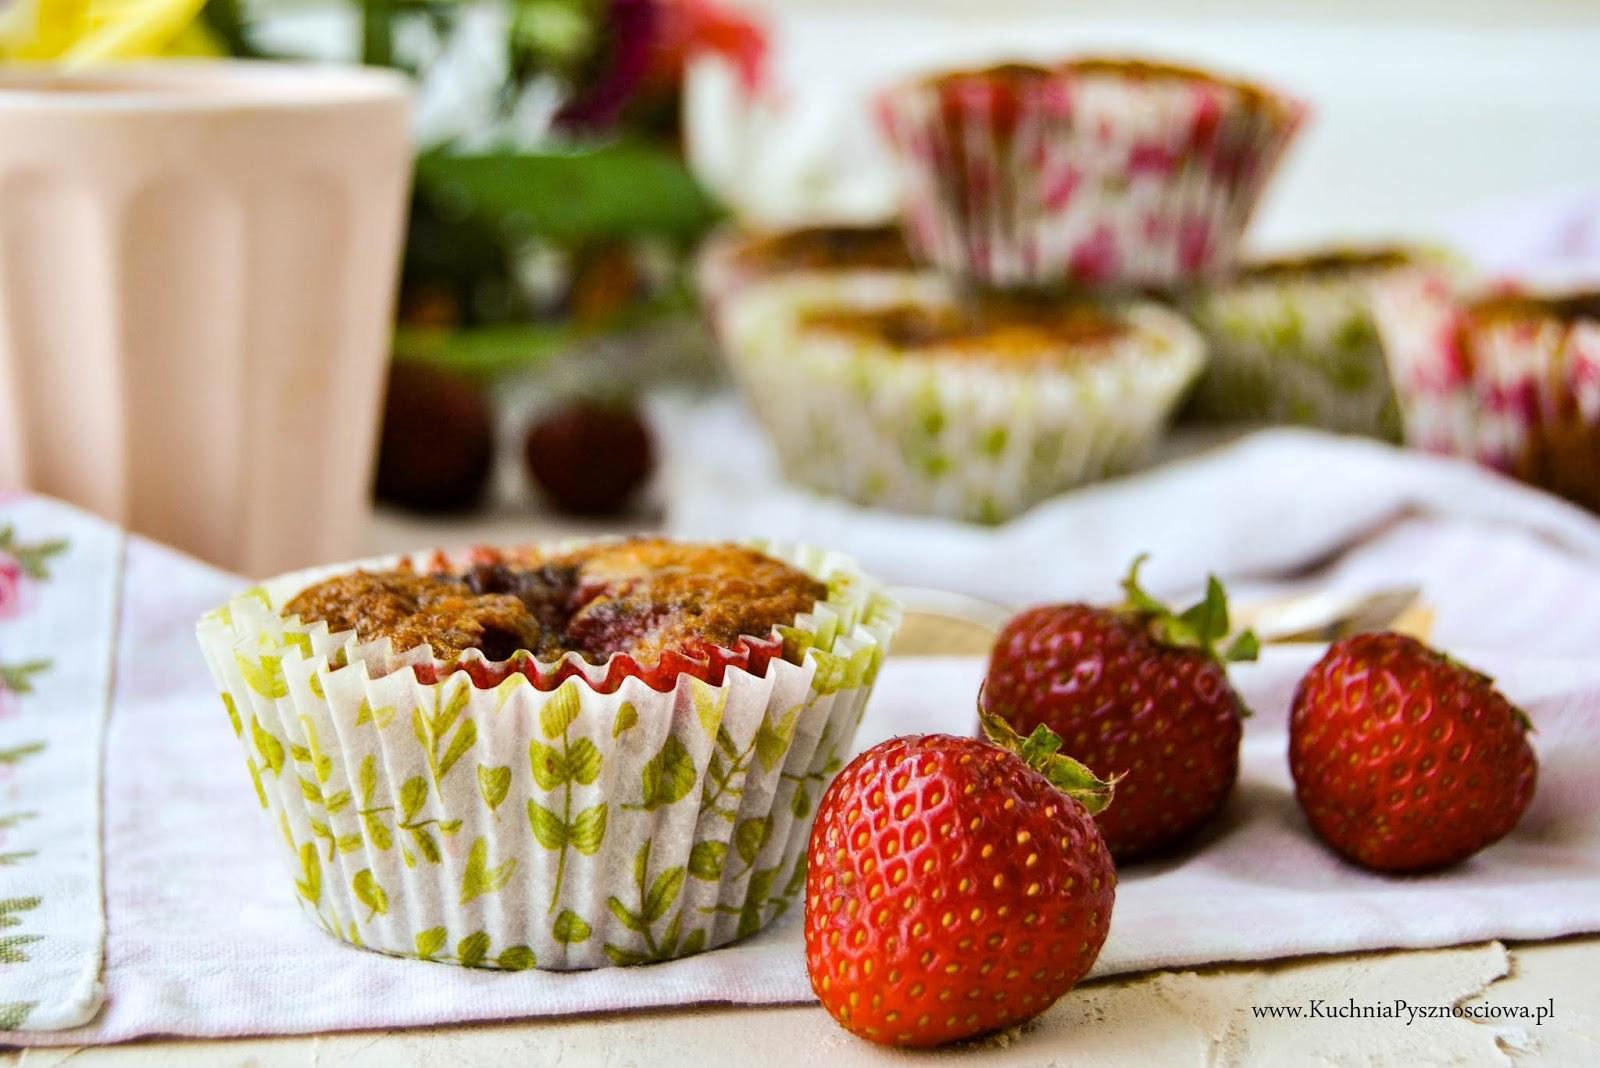 700. Migdałowe muffiny z truskawkami